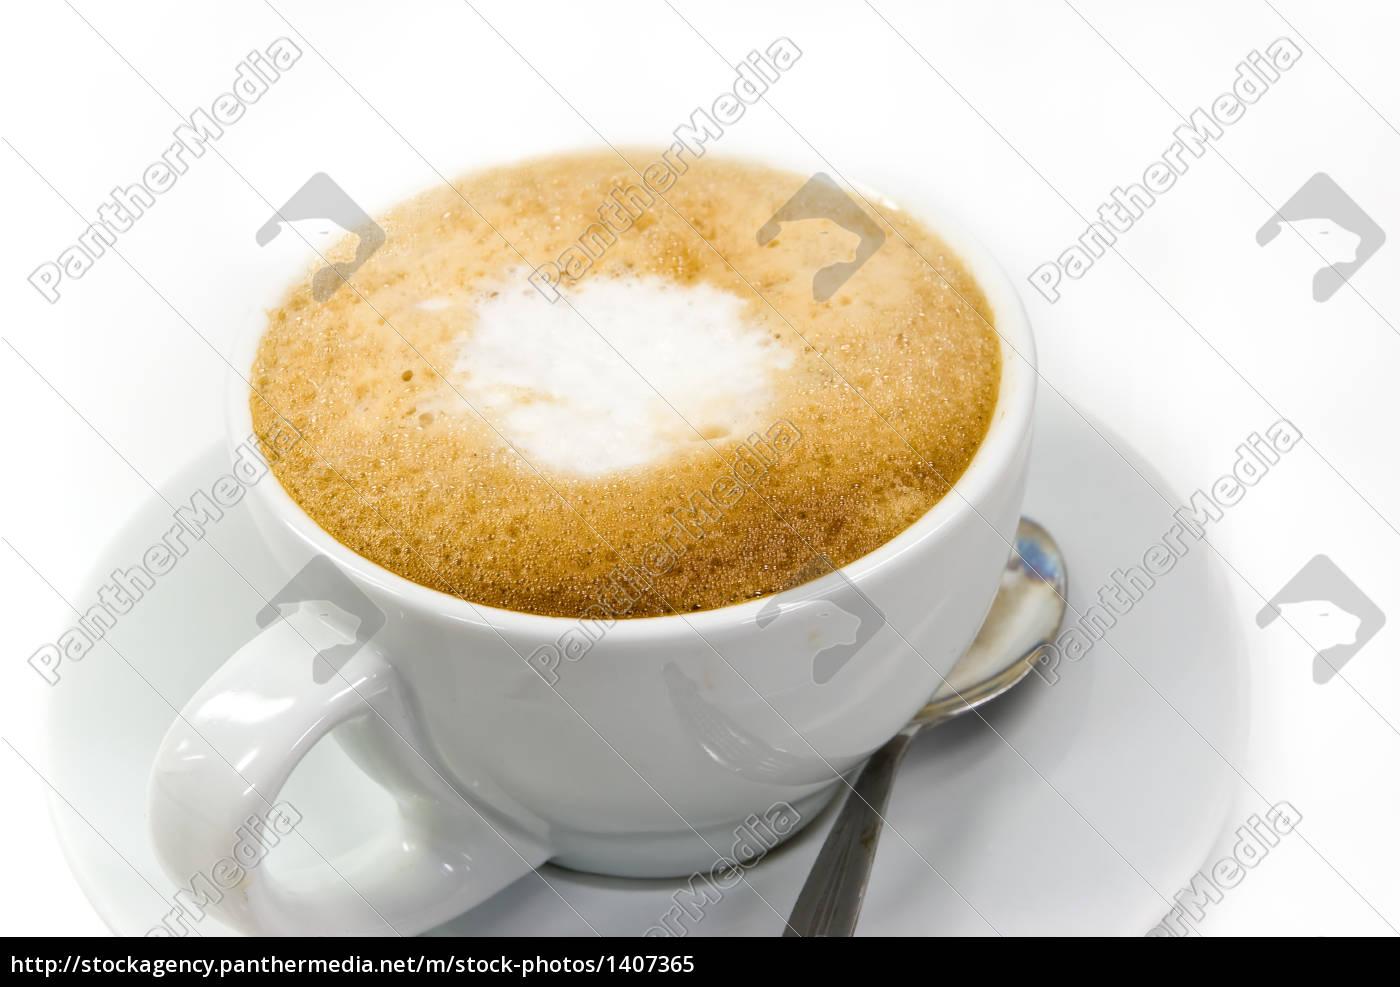 cappuccino - 1407365